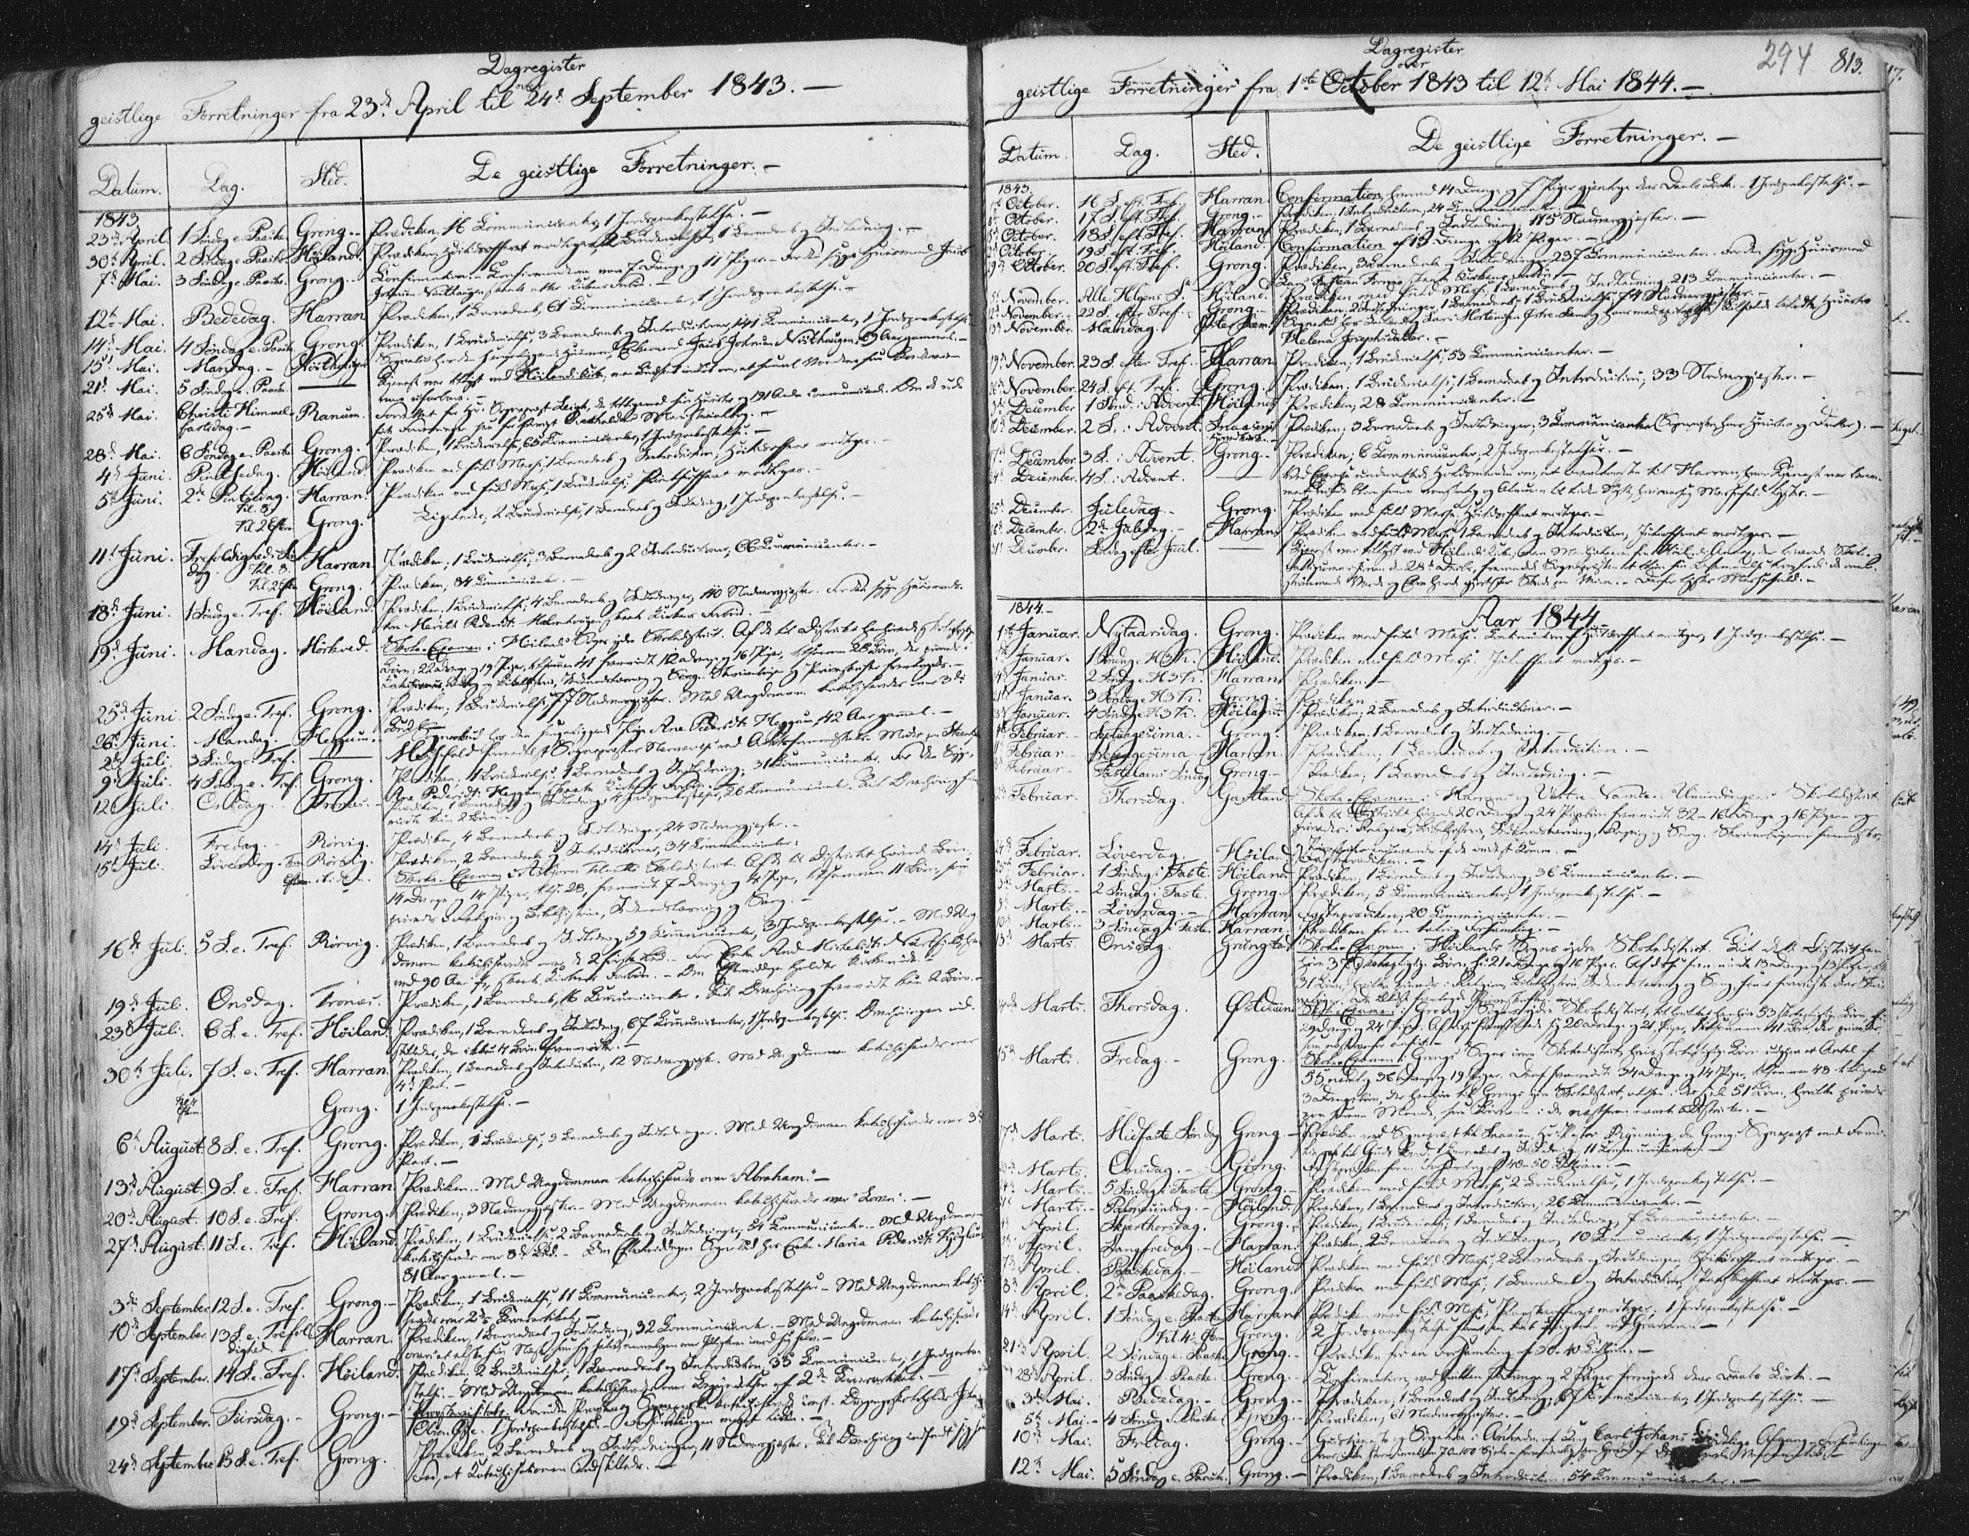 SAT, Ministerialprotokoller, klokkerbøker og fødselsregistre - Nord-Trøndelag, 758/L0513: Ministerialbok nr. 758A02 /1, 1839-1868, s. 294